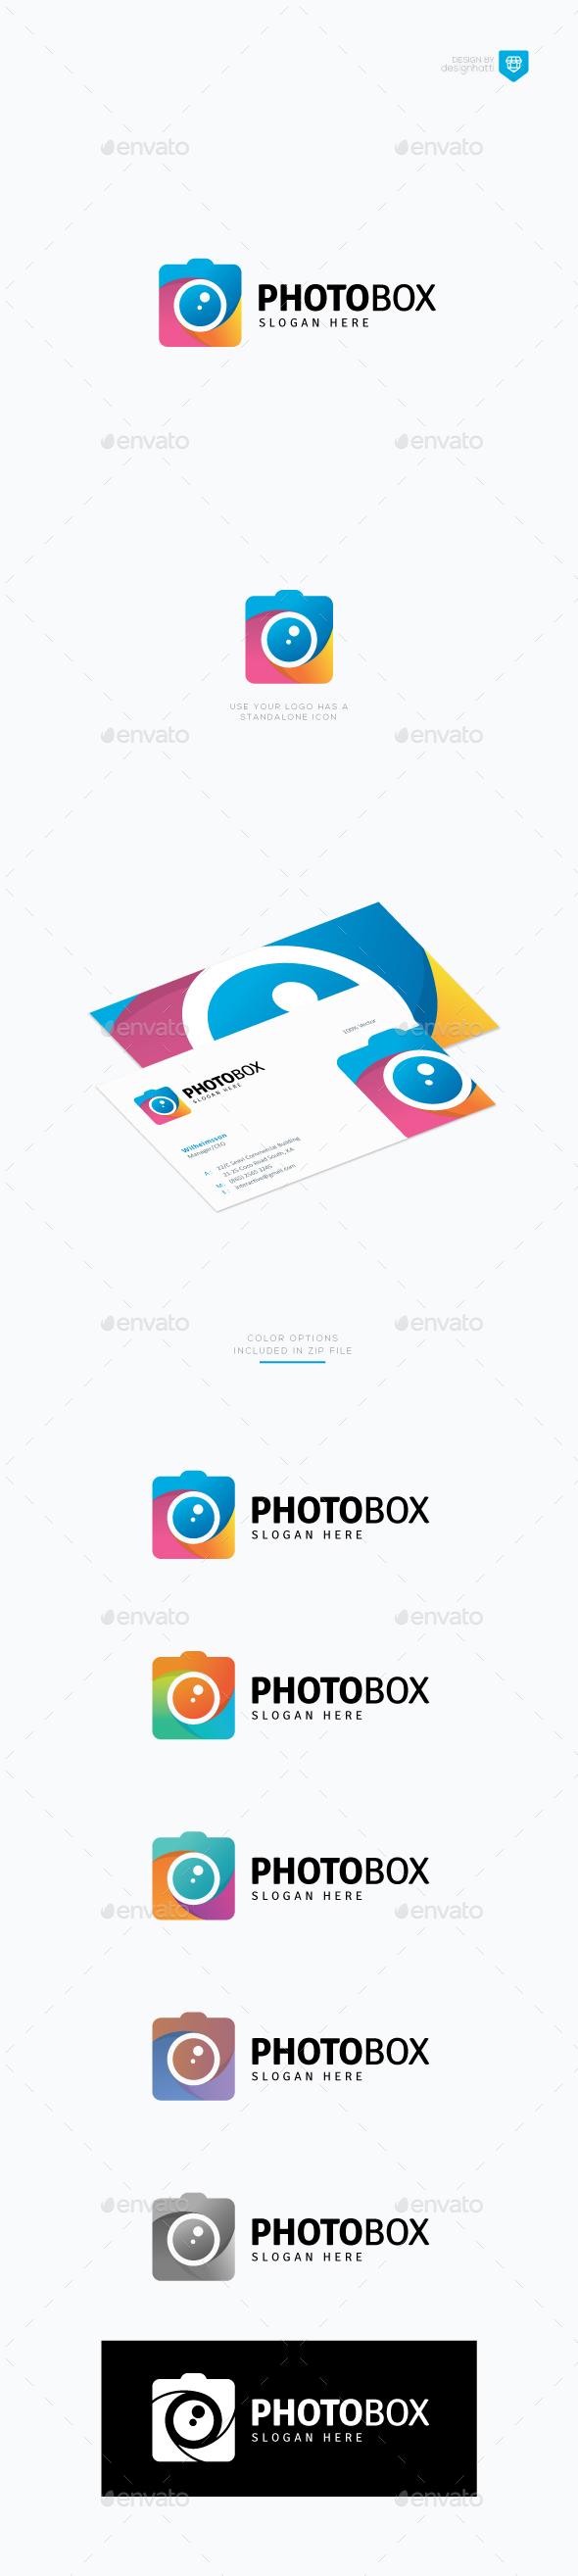 Photo Box Logo - Vector Abstract